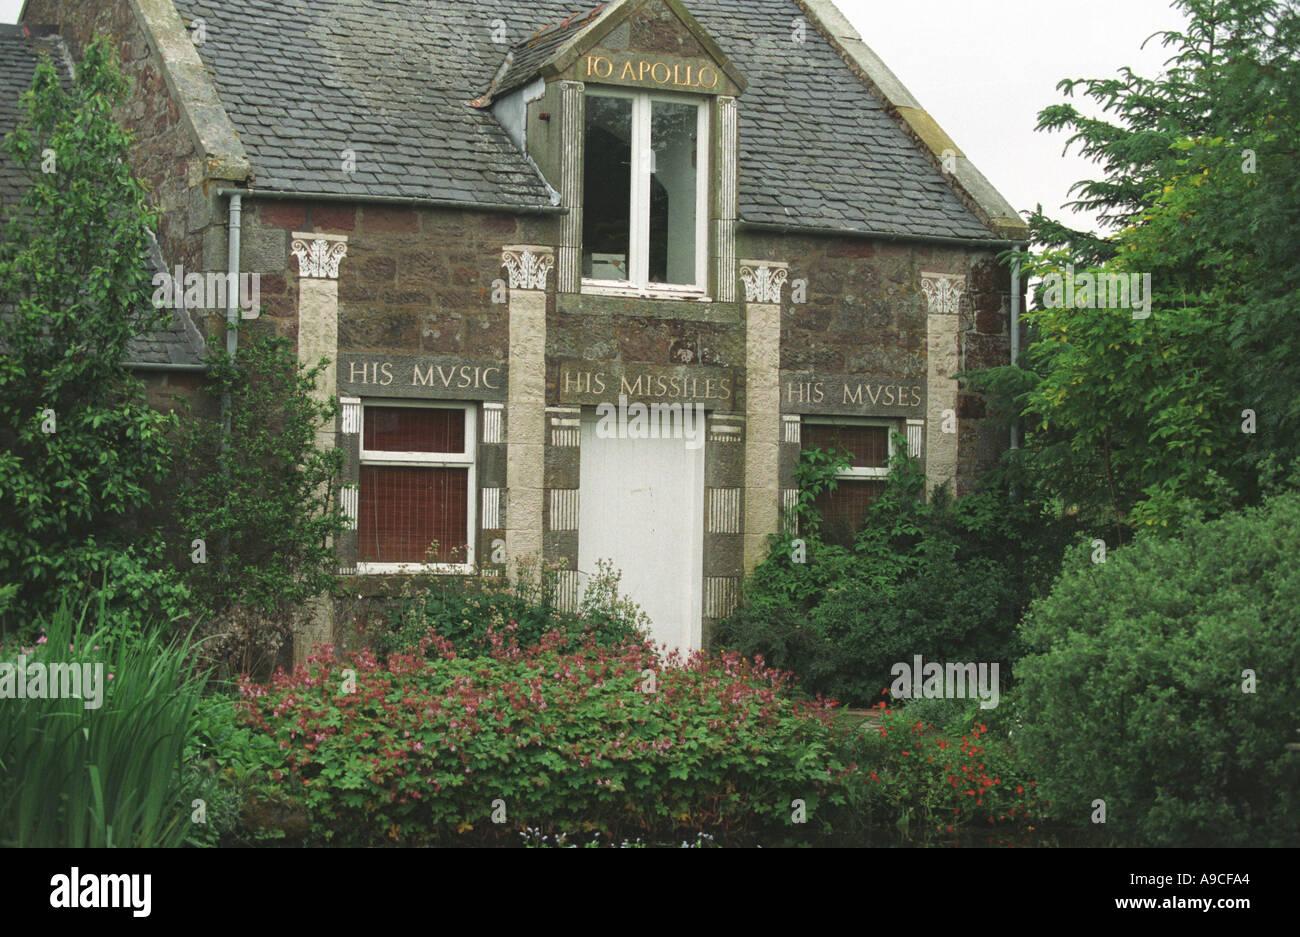 Ian Hamilton FinlaysSculpture Garden Liittle Sparta in Dunsyre Scotland - Stock Image